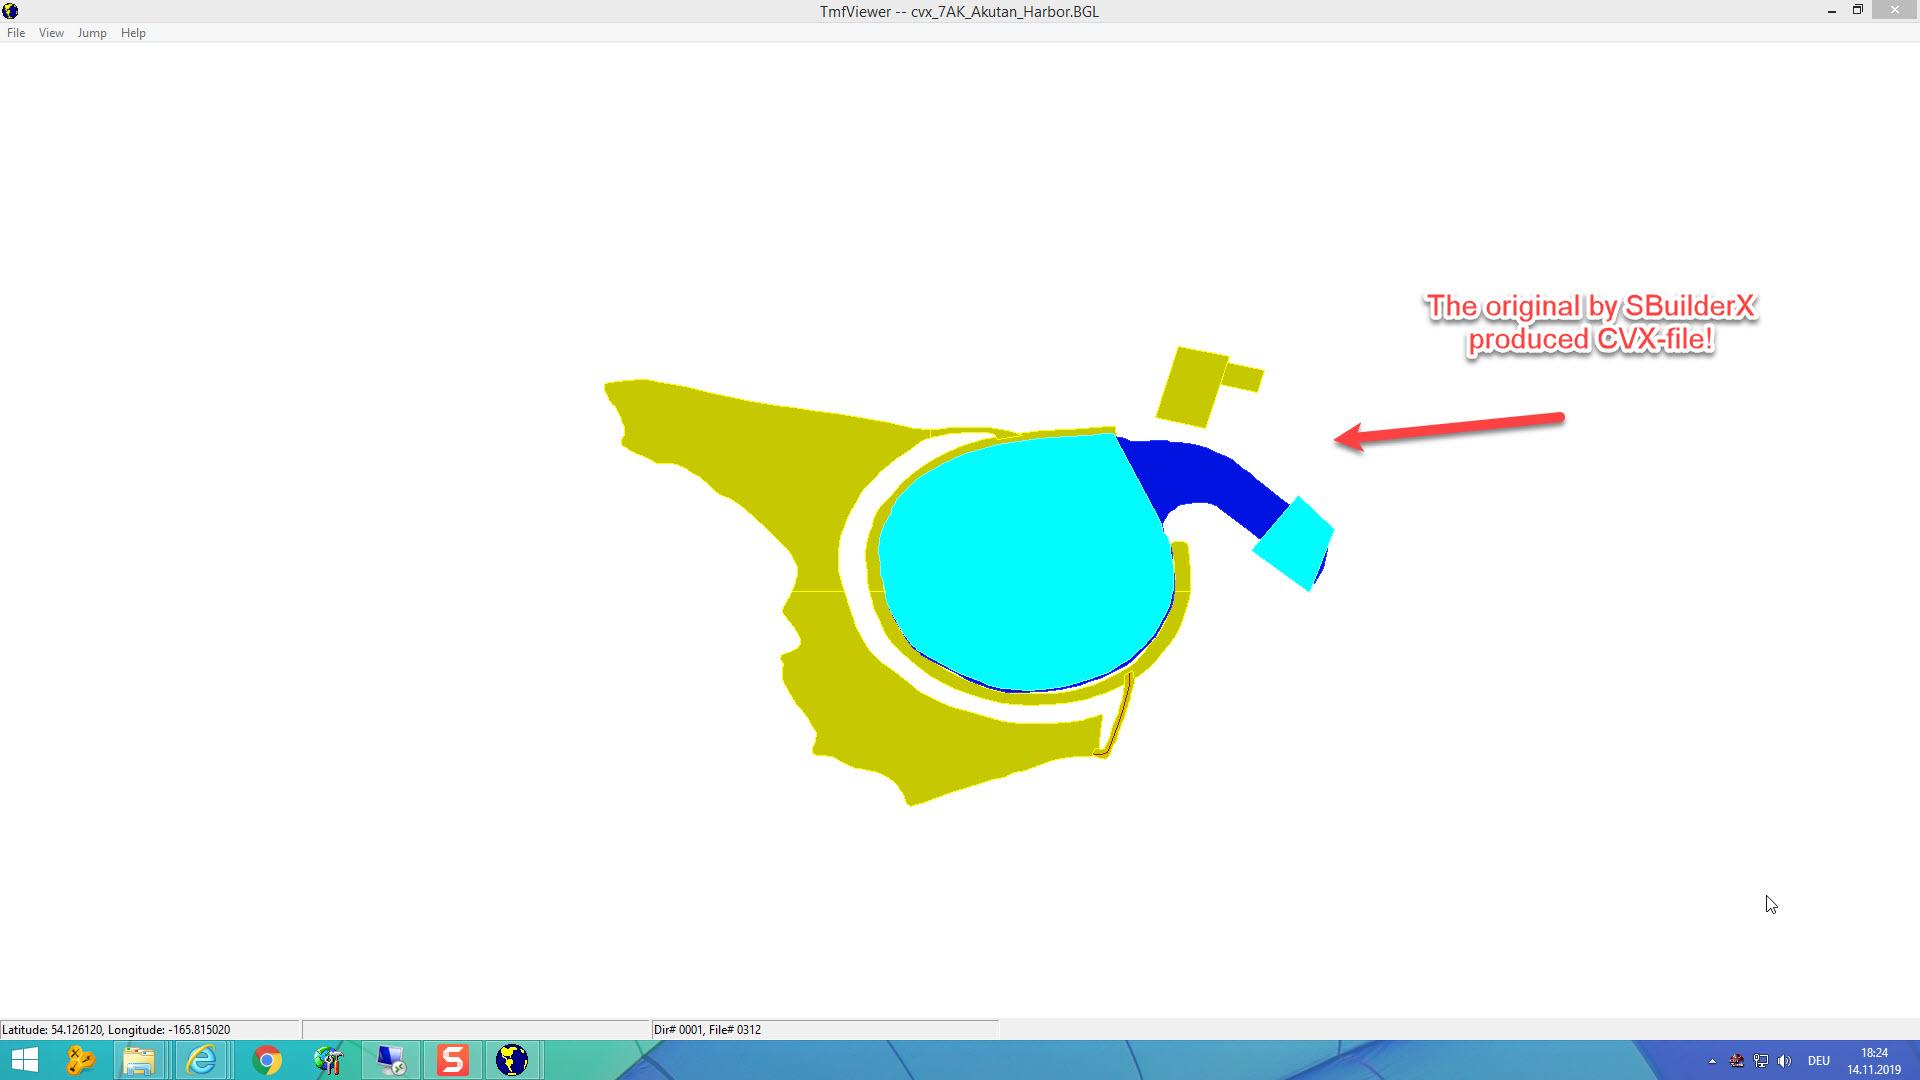 TmfViewer-3.jpg